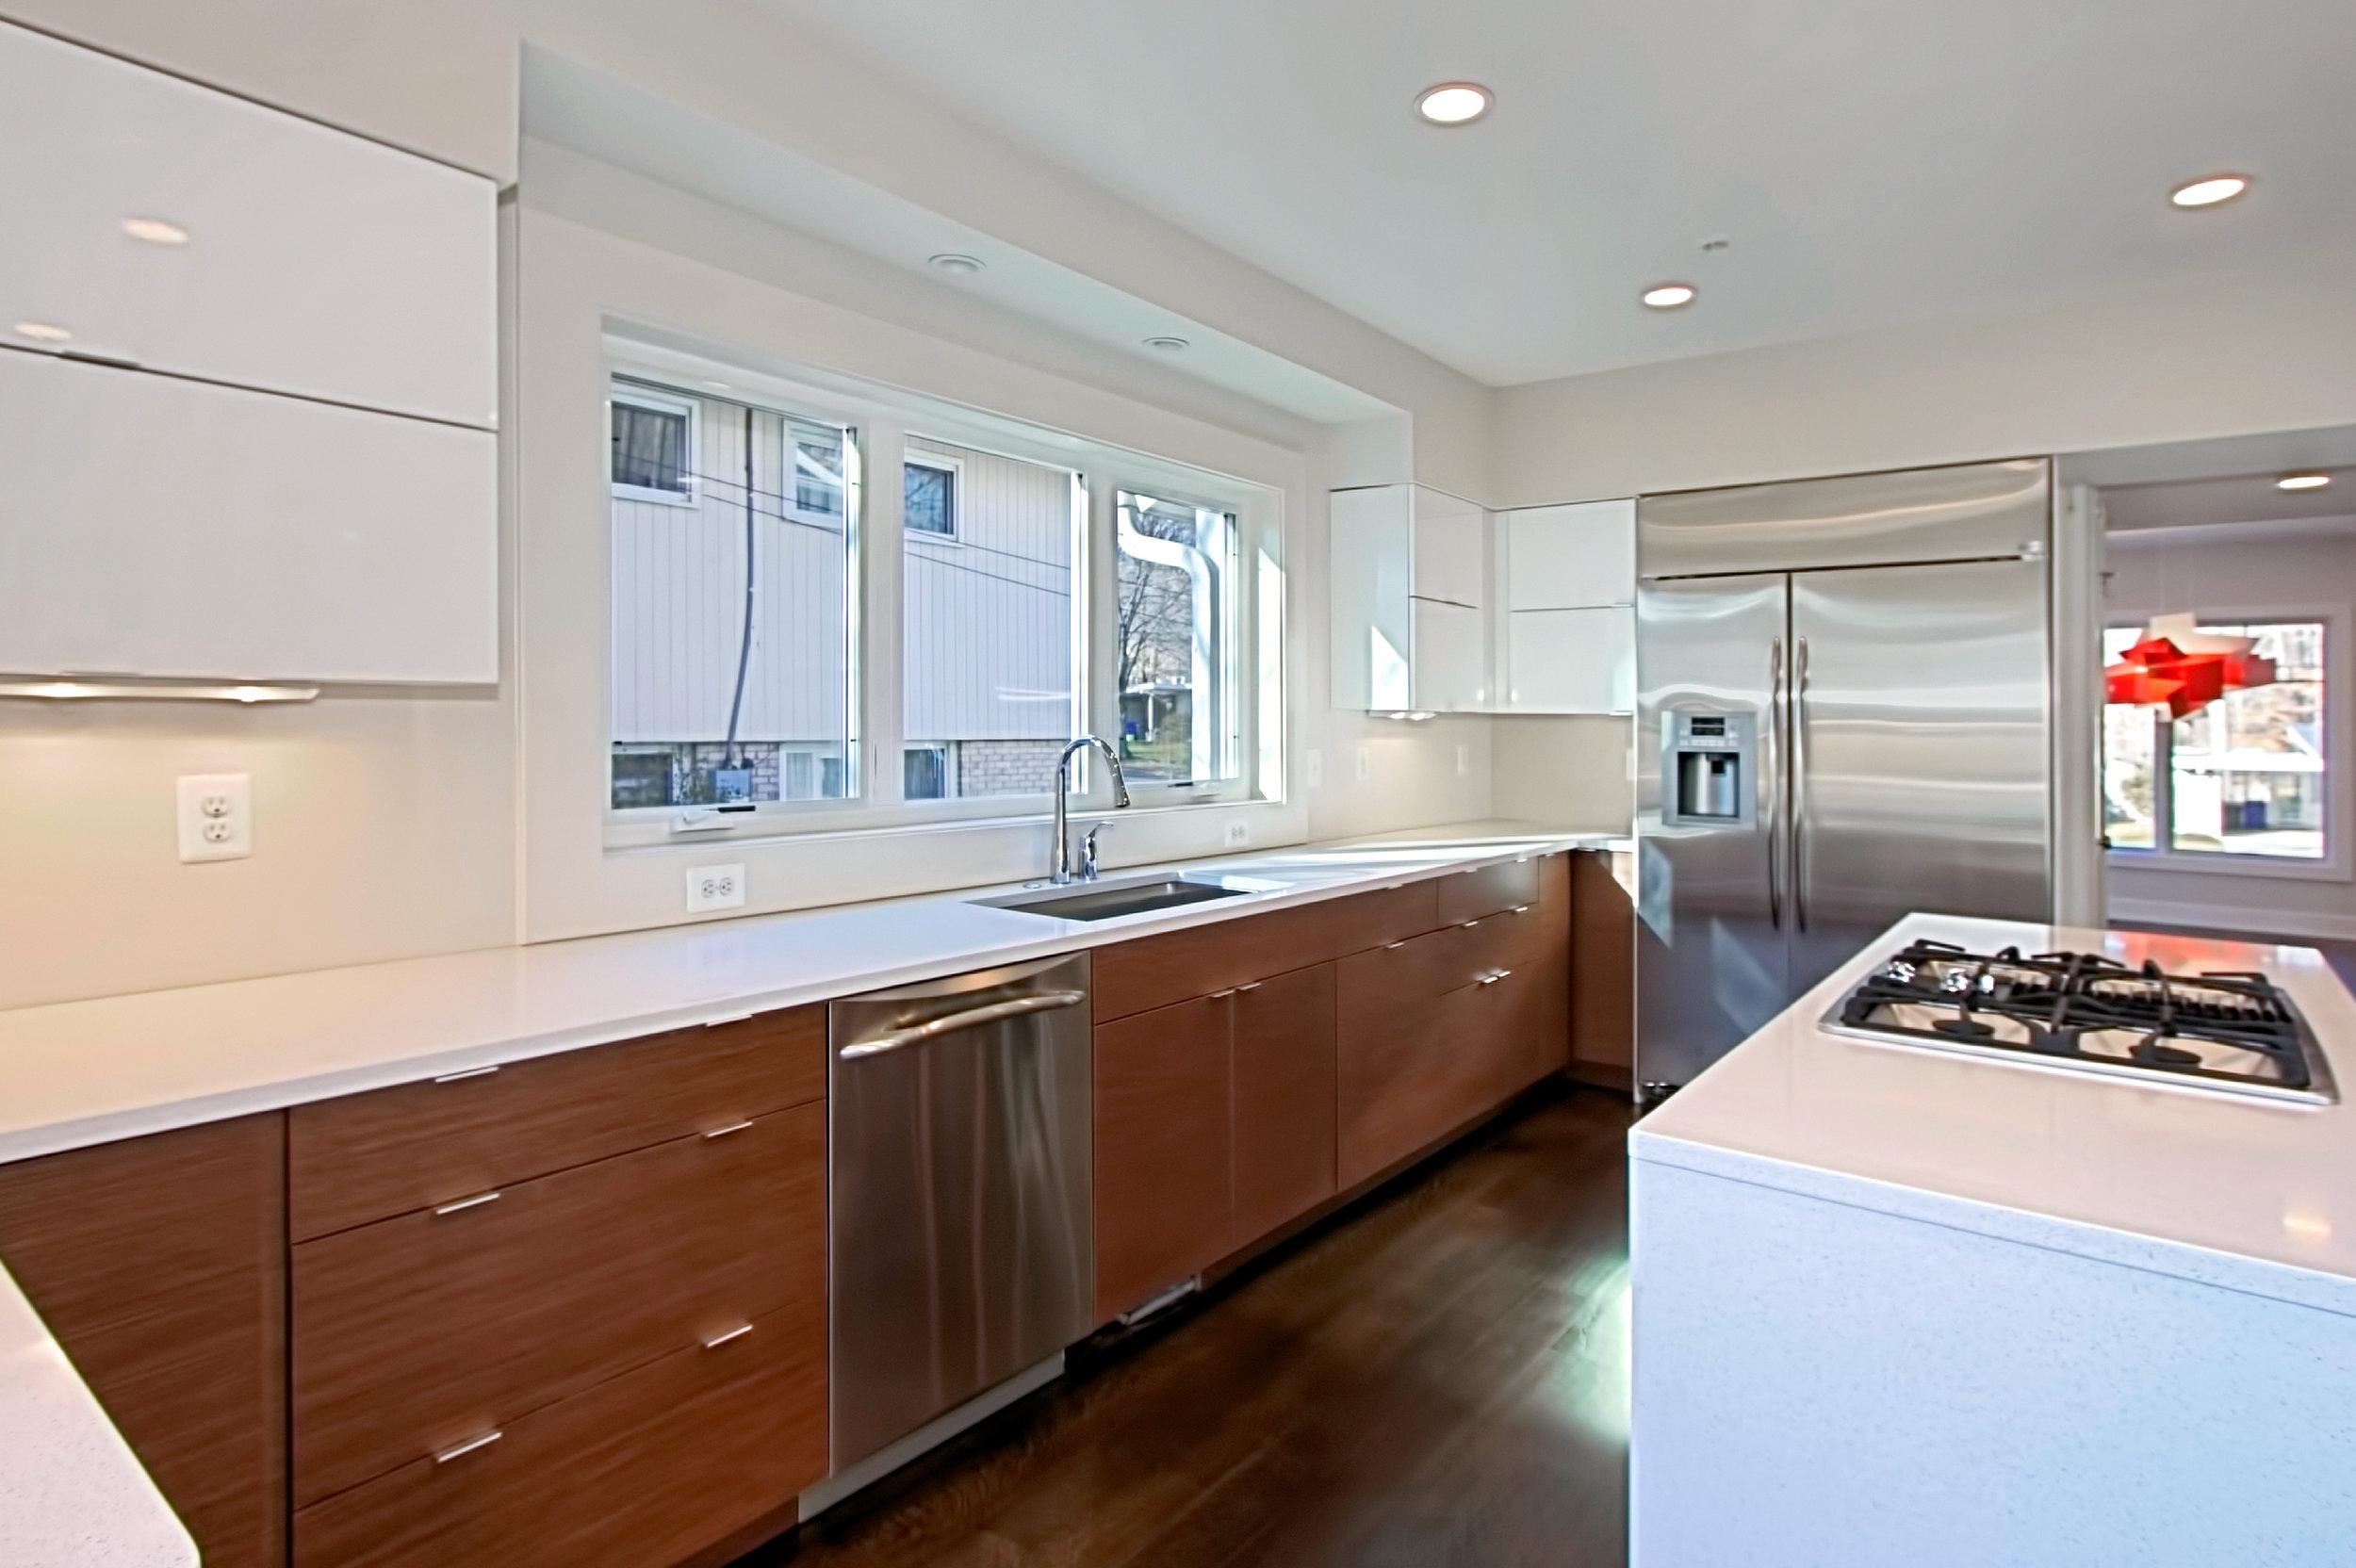 8311 Whitman Drive - Kitchen 2.jpg